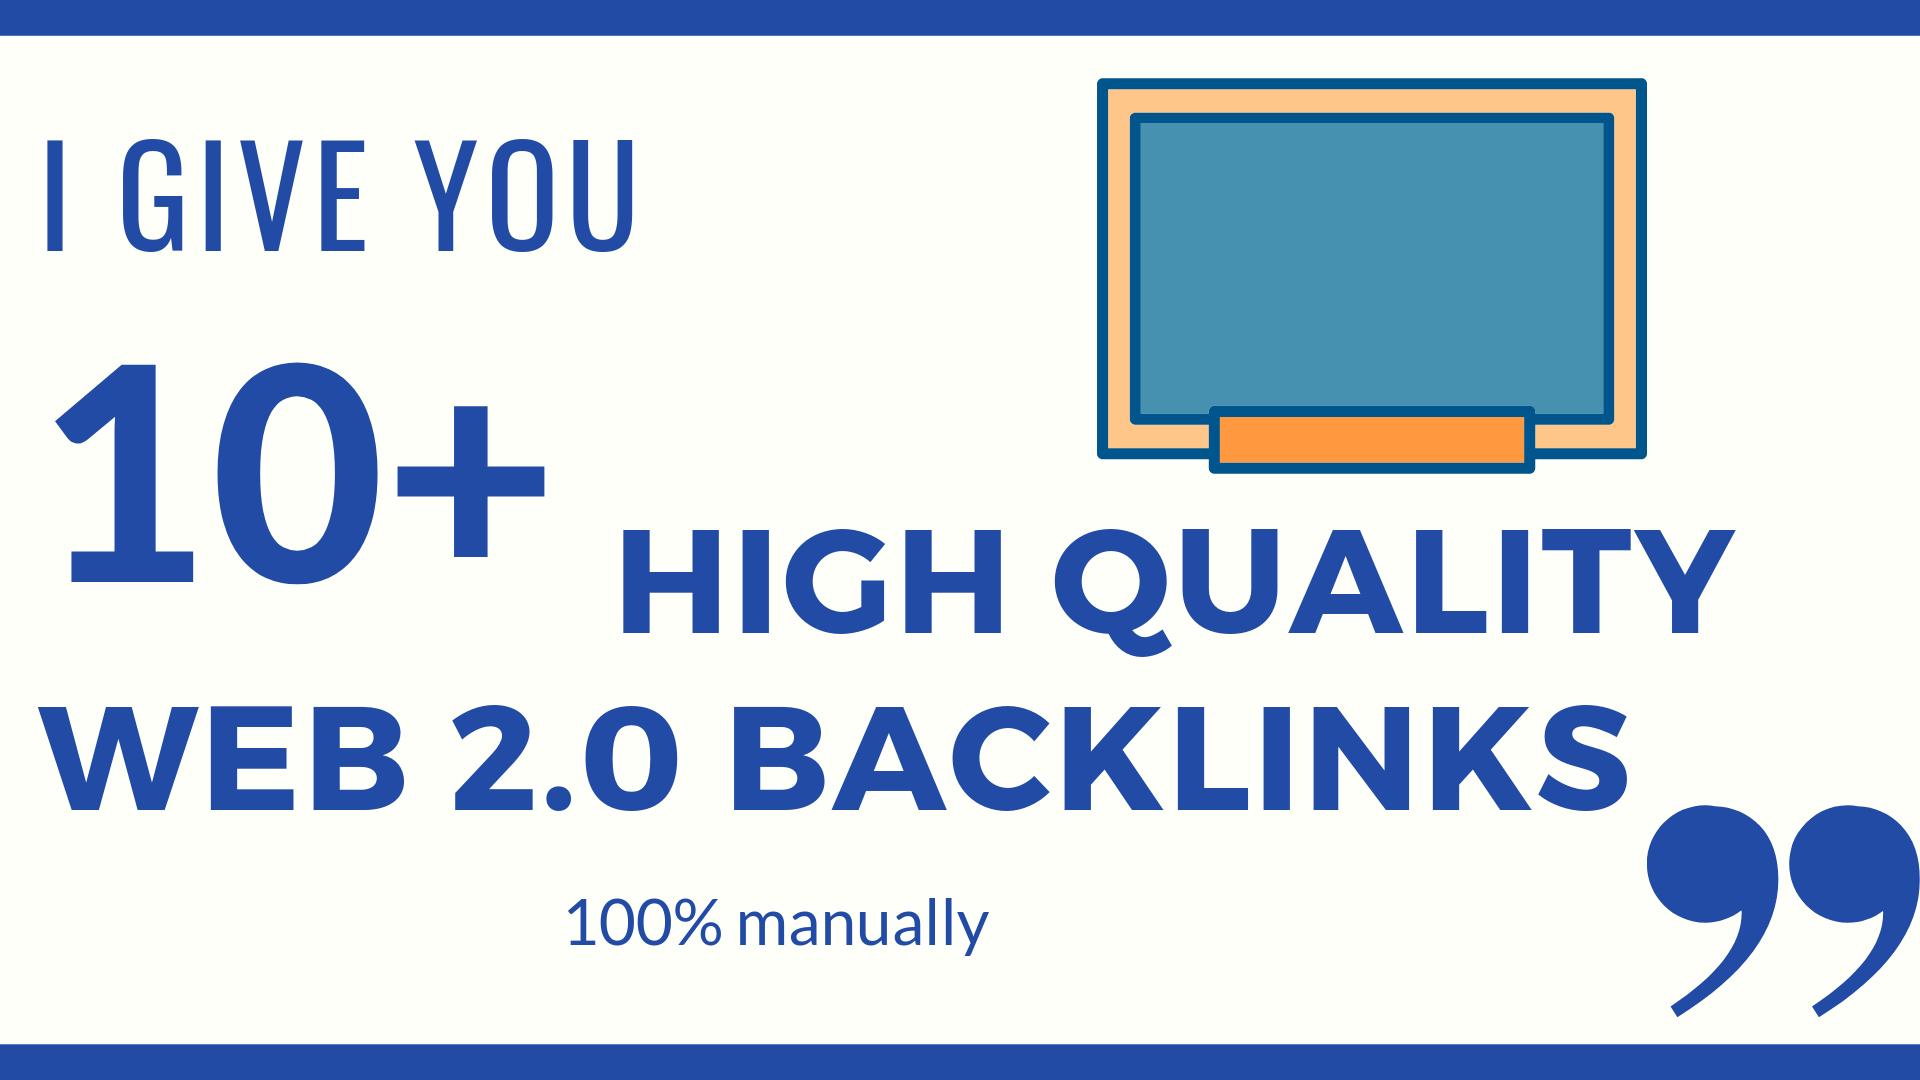 I Give You 10 High Quality Web 2.0 Backlinks